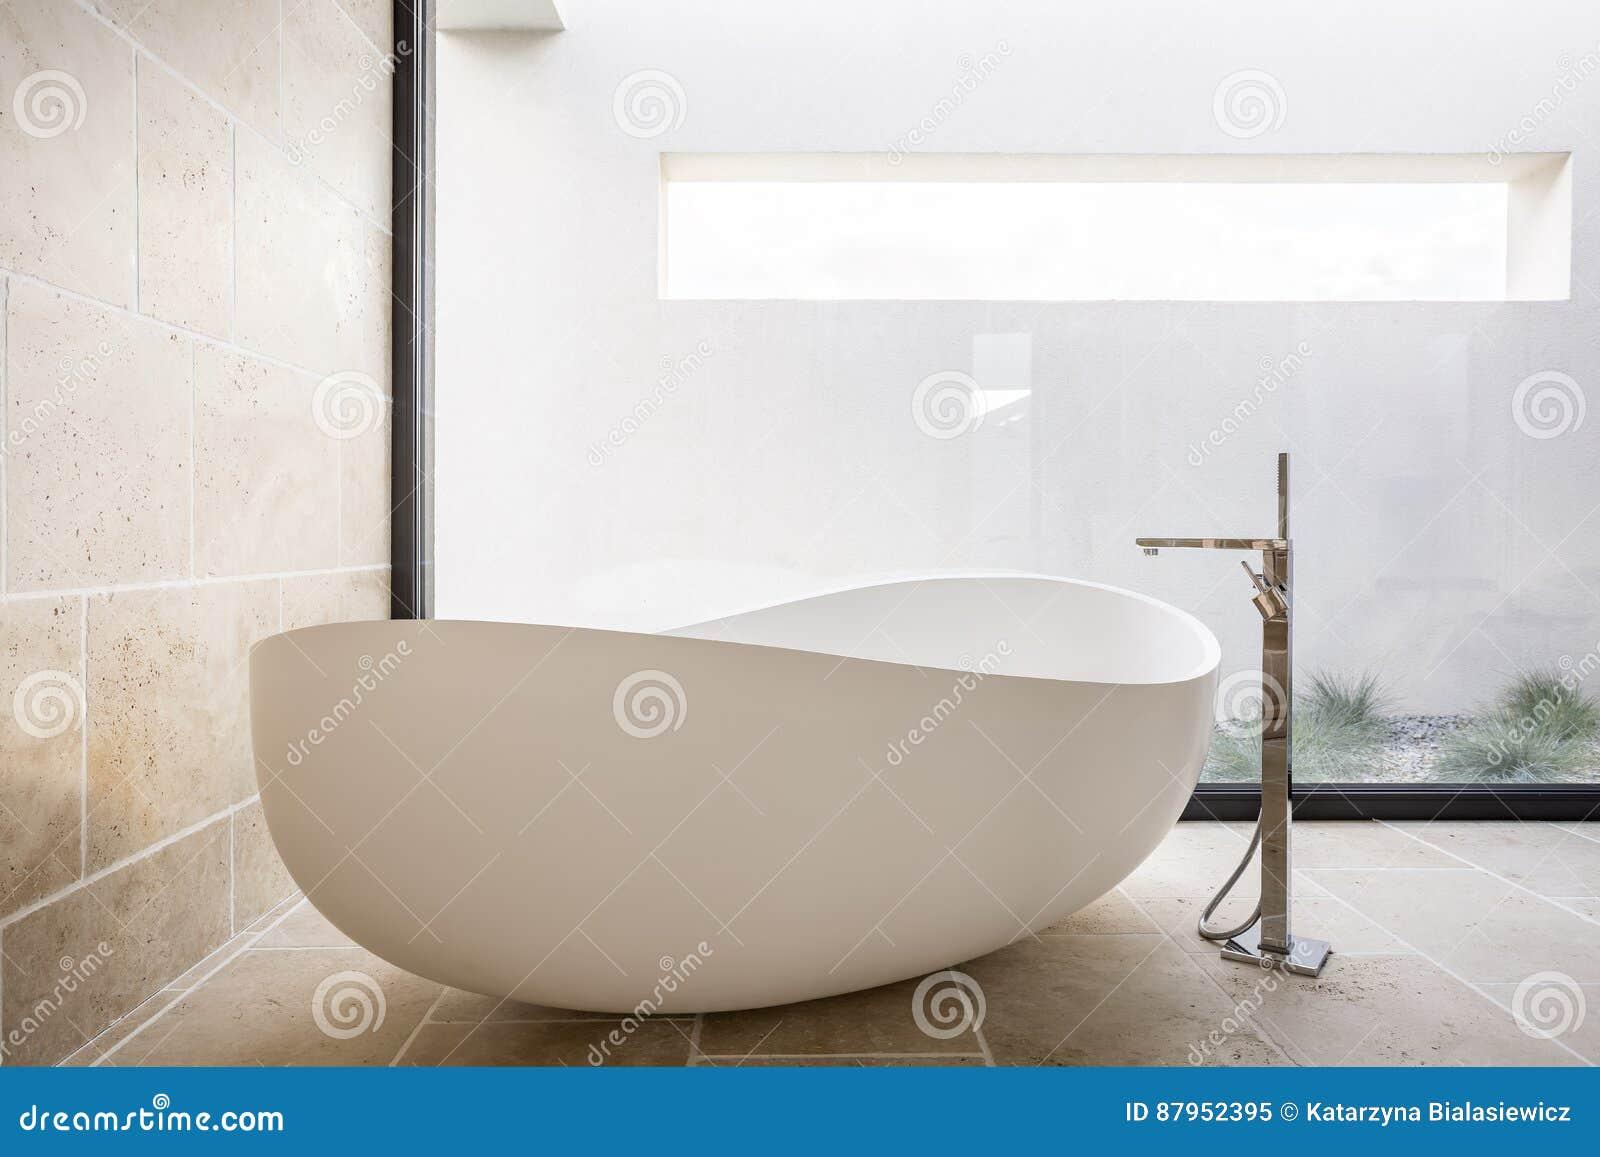 Moderne Ovale Badewanne Stockbild Bild Von Stilvoll 87952395